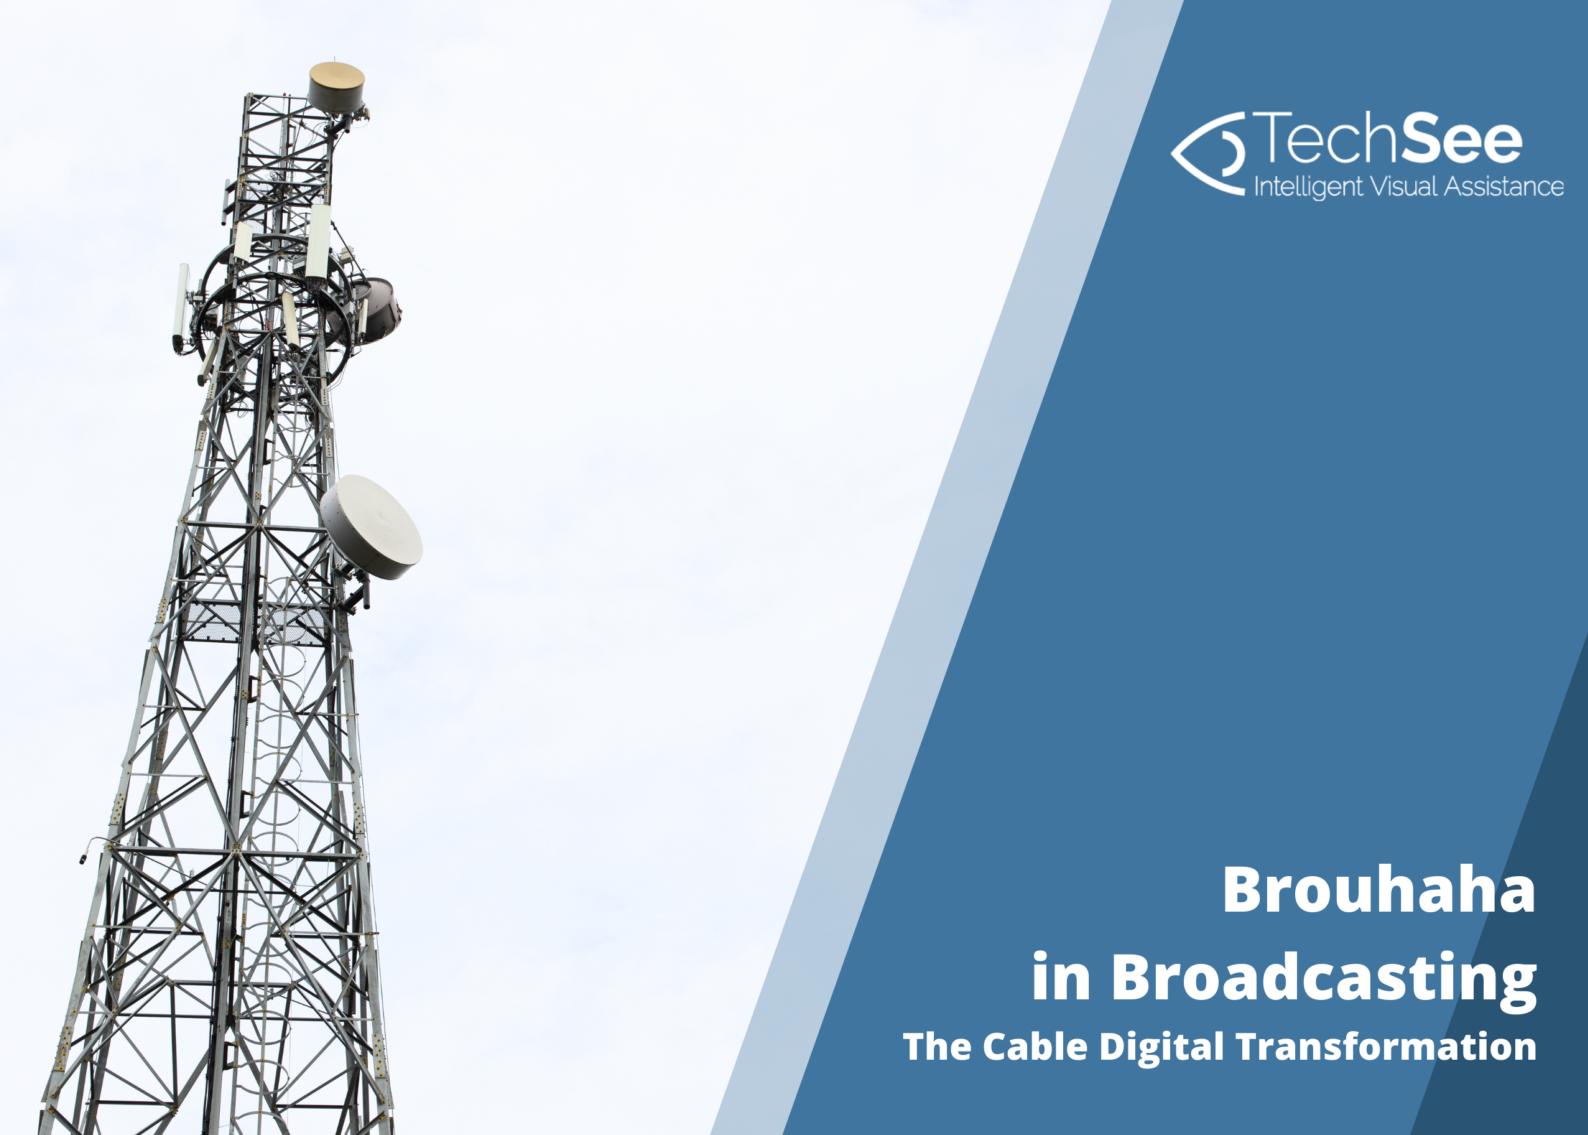 放送界の喧騒。ケーブルのデジタルトランスフォーメーション